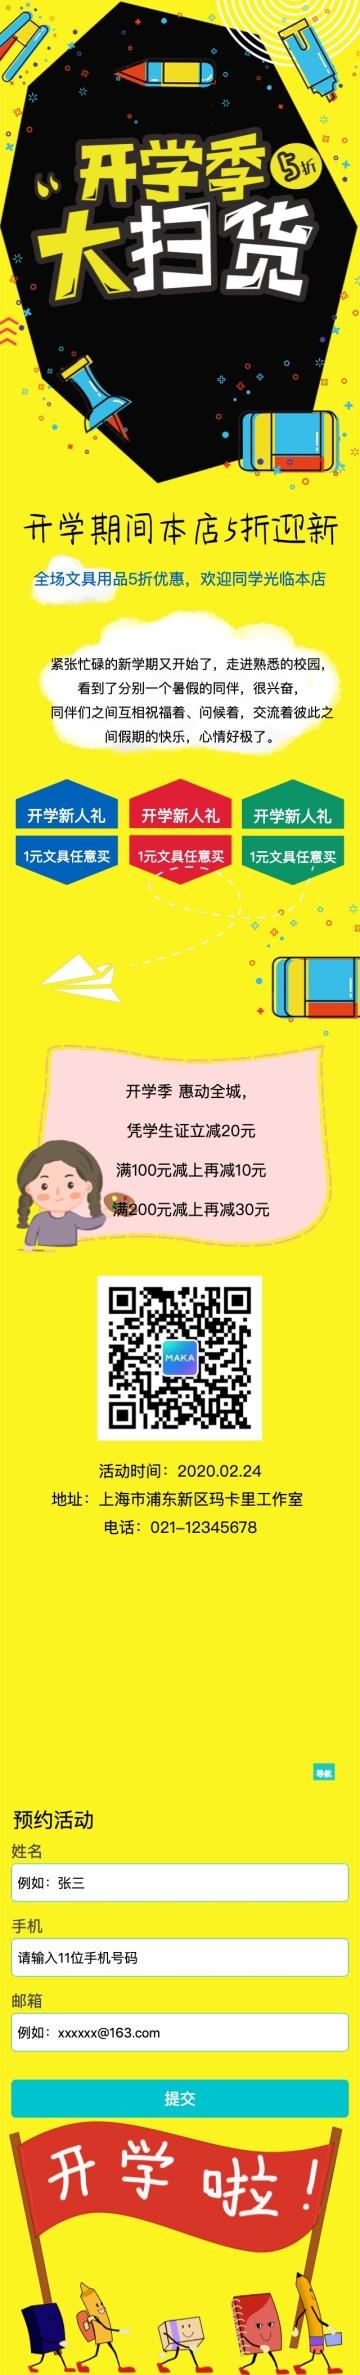 清新手绘开学季促销活动单页宣传推广